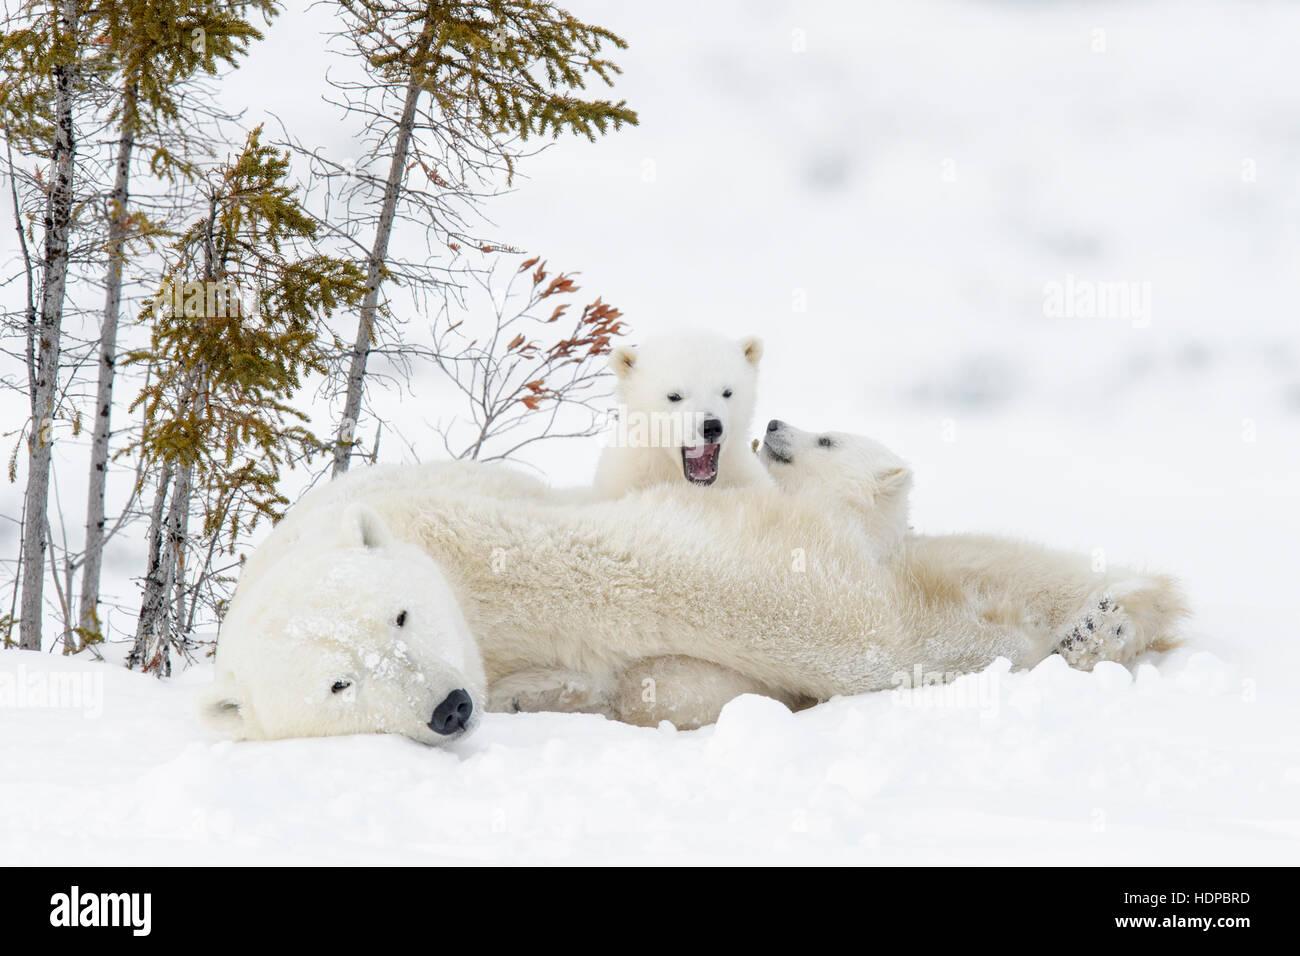 El oso polar (Ursus maritimus) madre con dos cachorros, Parque Nacional Wapusk, Manitoba, Canadá Imagen De Stock